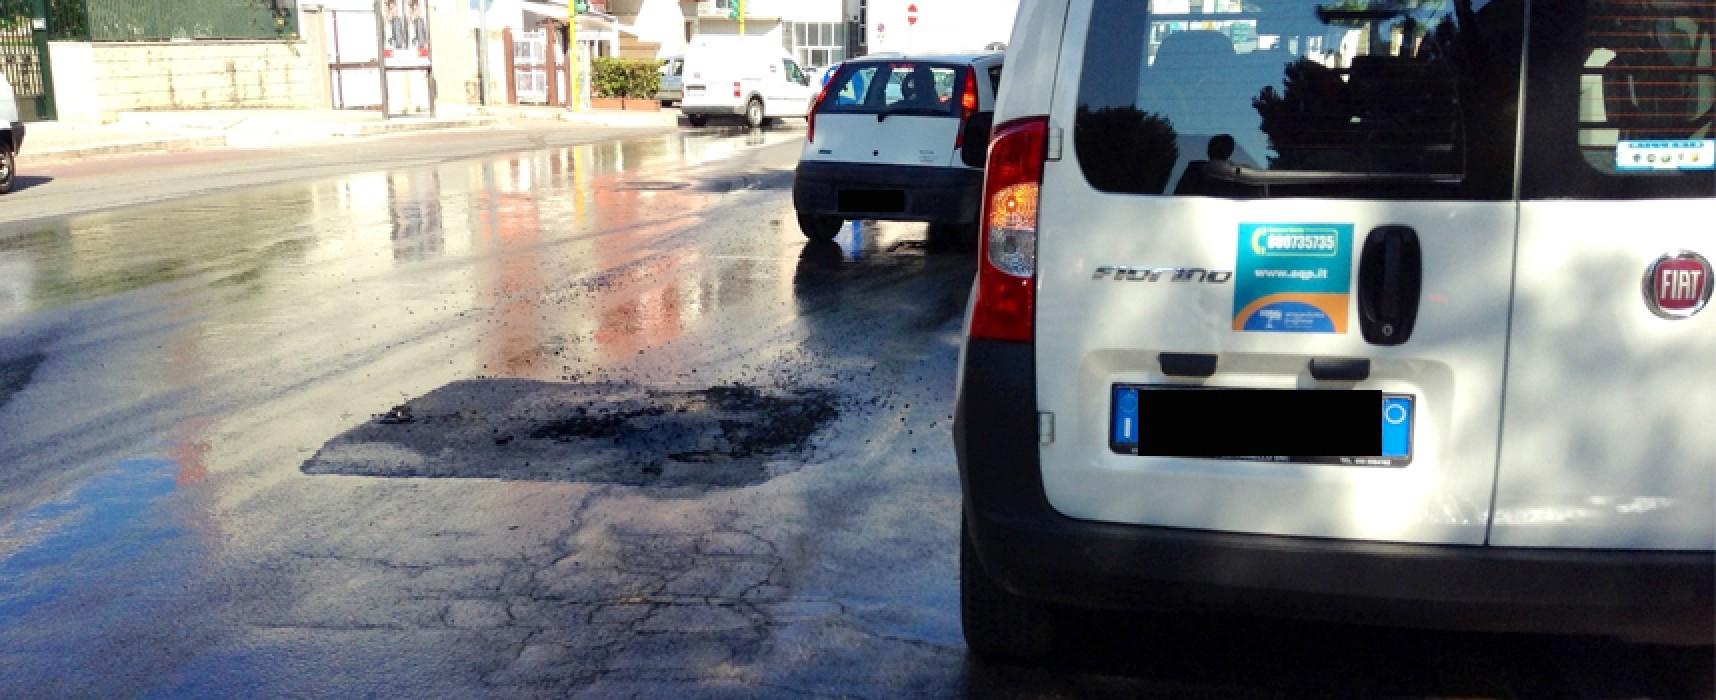 Saltata conduttura dell'acqua in via Di Vittorio, asfalto divelto e strada allagata